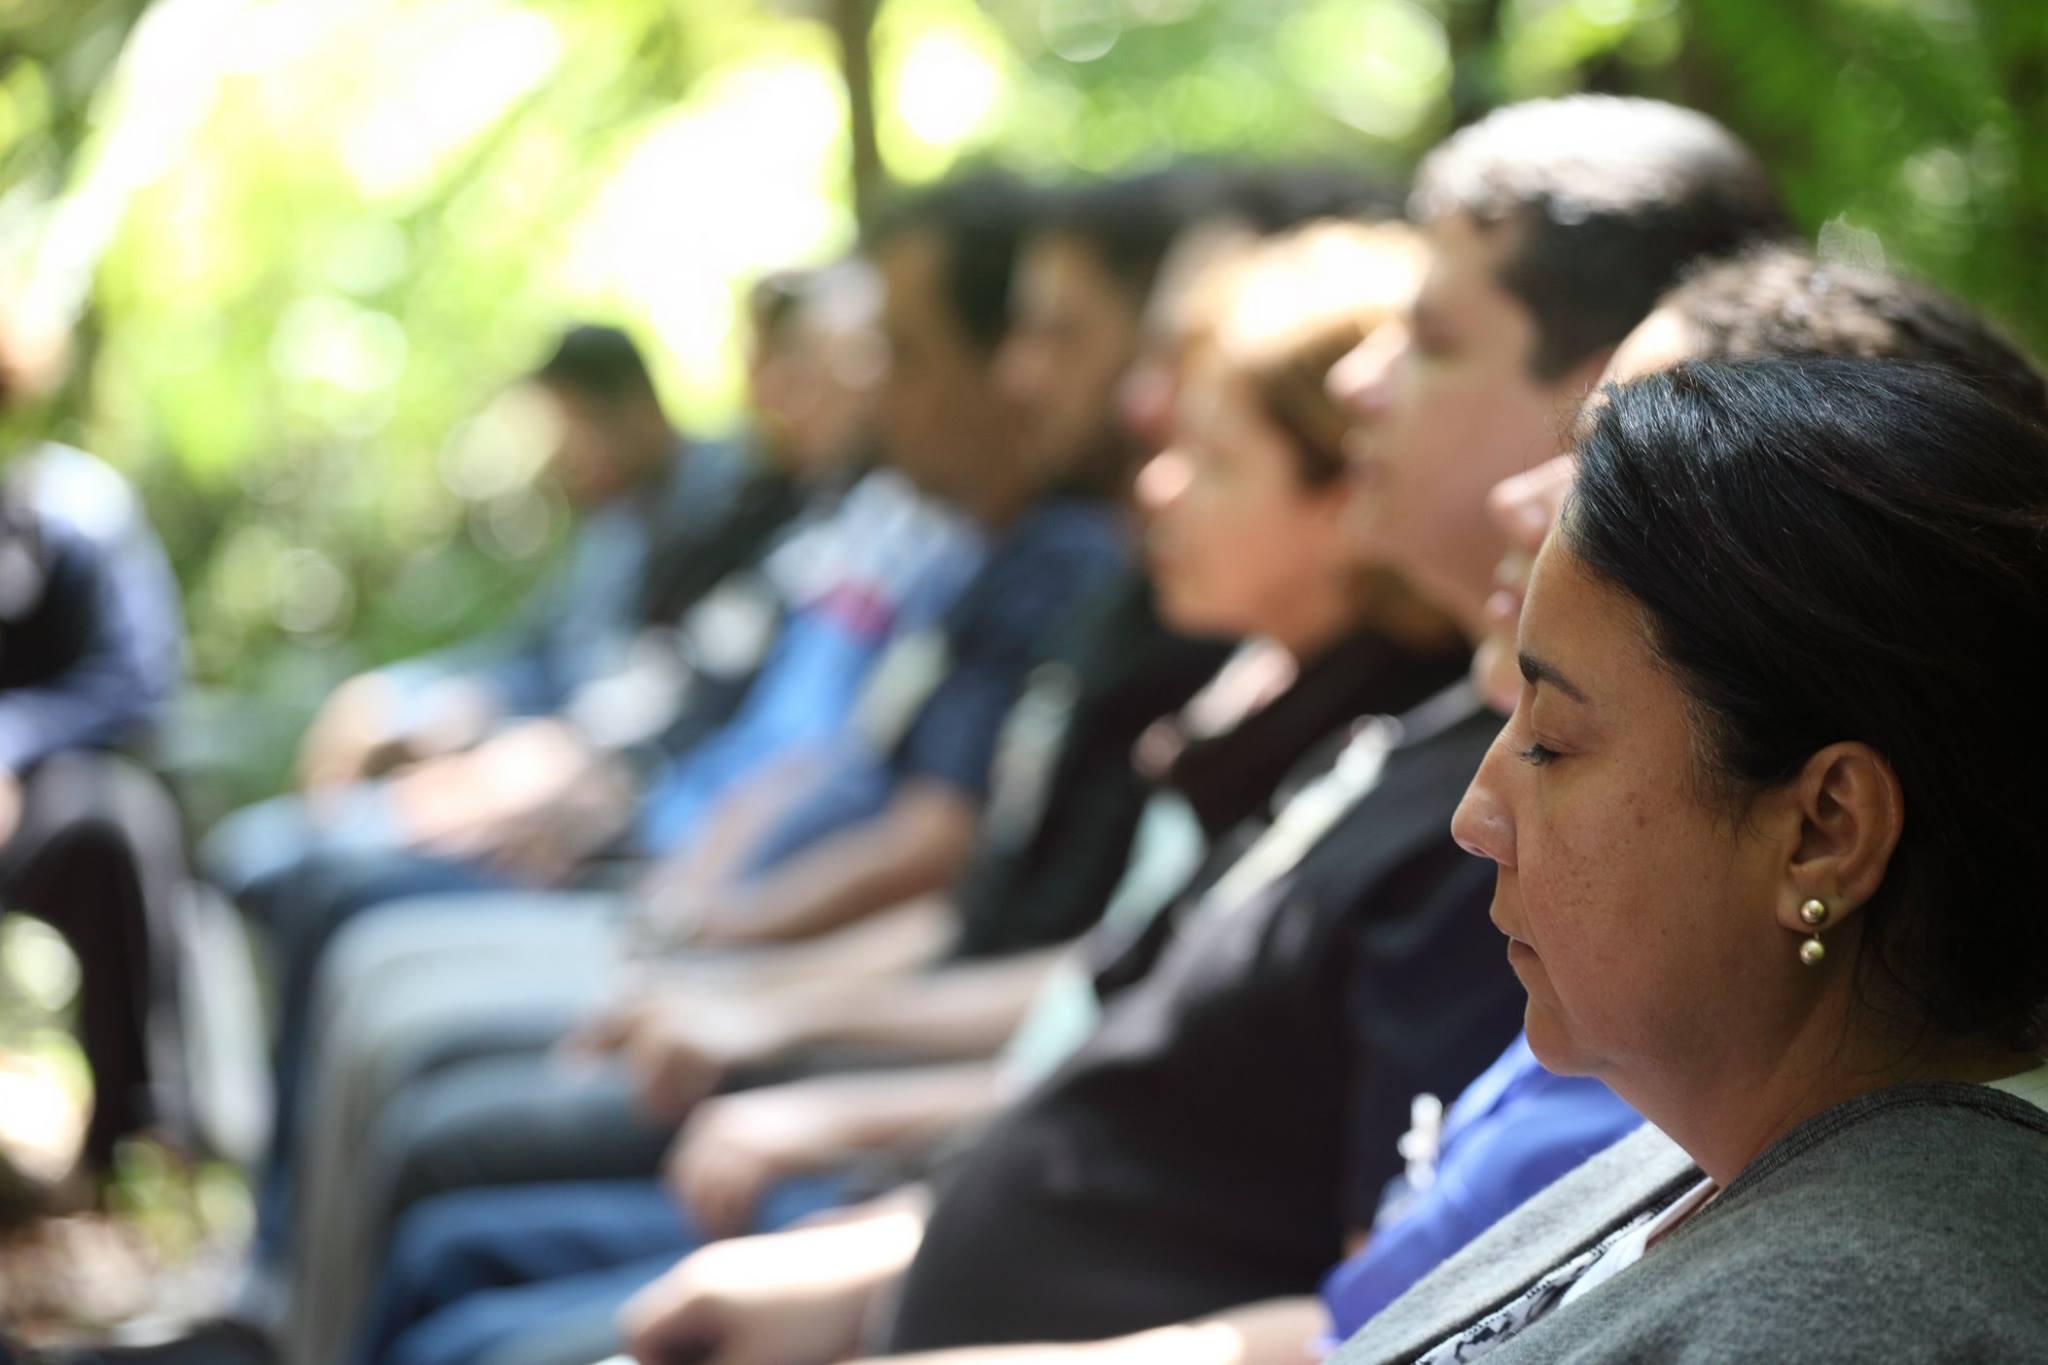 Sessão gratuita de hipnose em BH